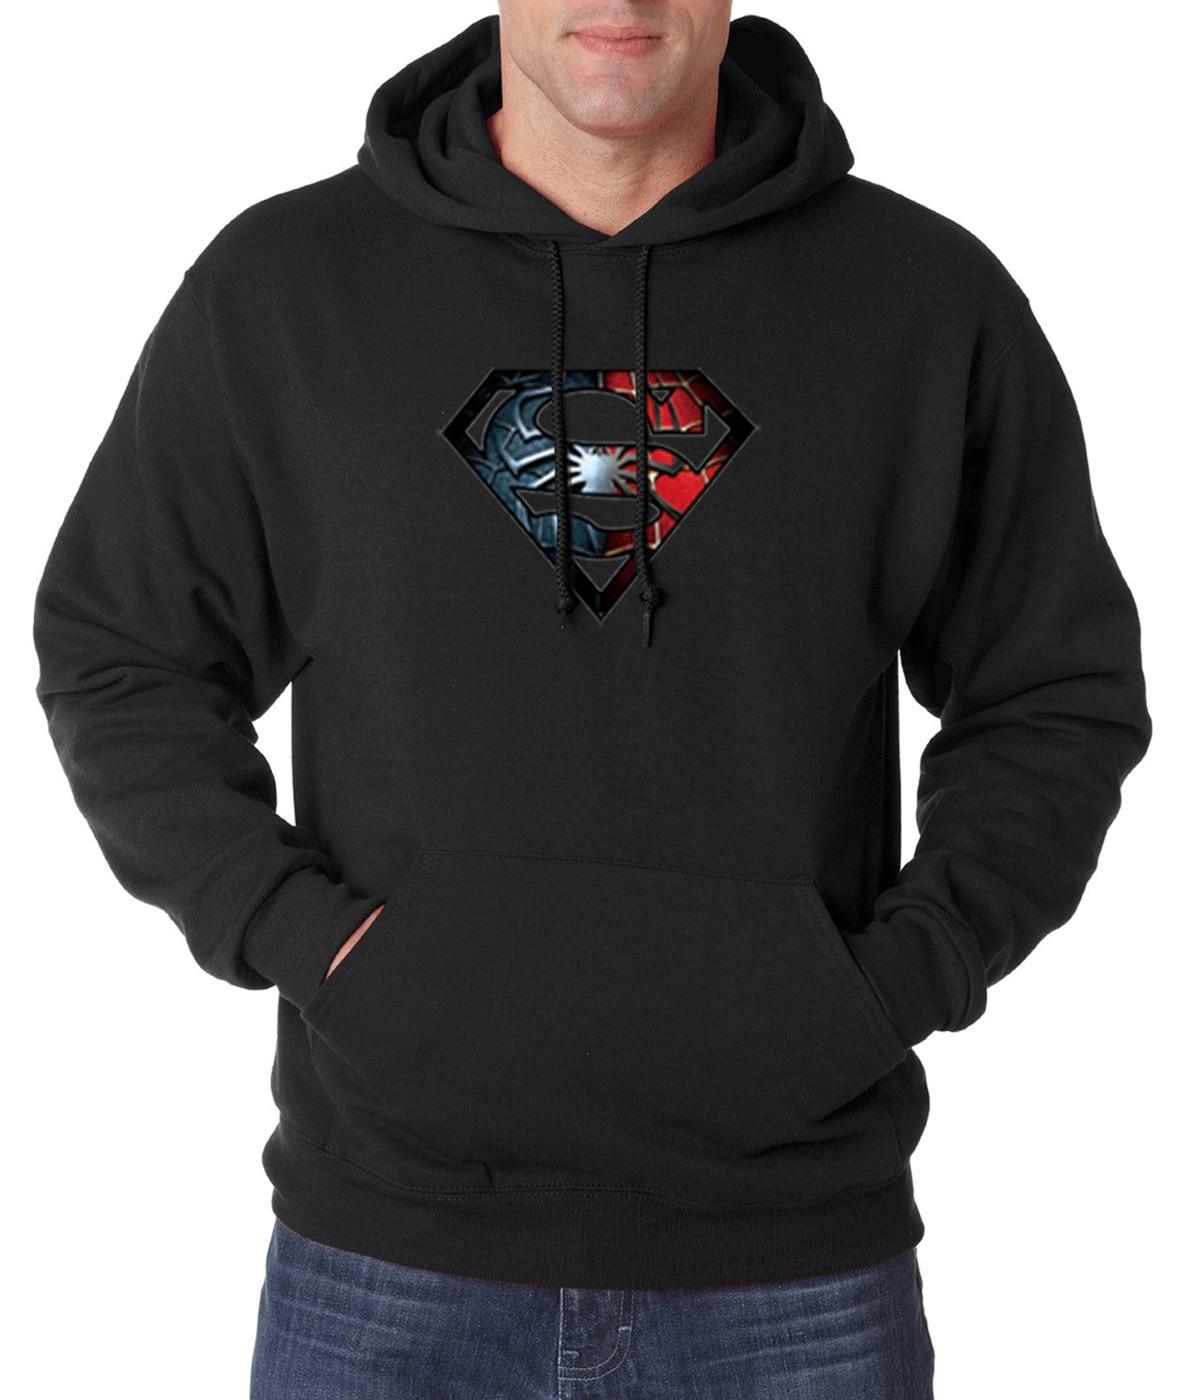 Супермен Для мужчин Толстовки 2016 на осень-зиму новый теплый флис Для мужчин Супермен кофты Мода Повседневная Свободная посадка с капюшоном ...